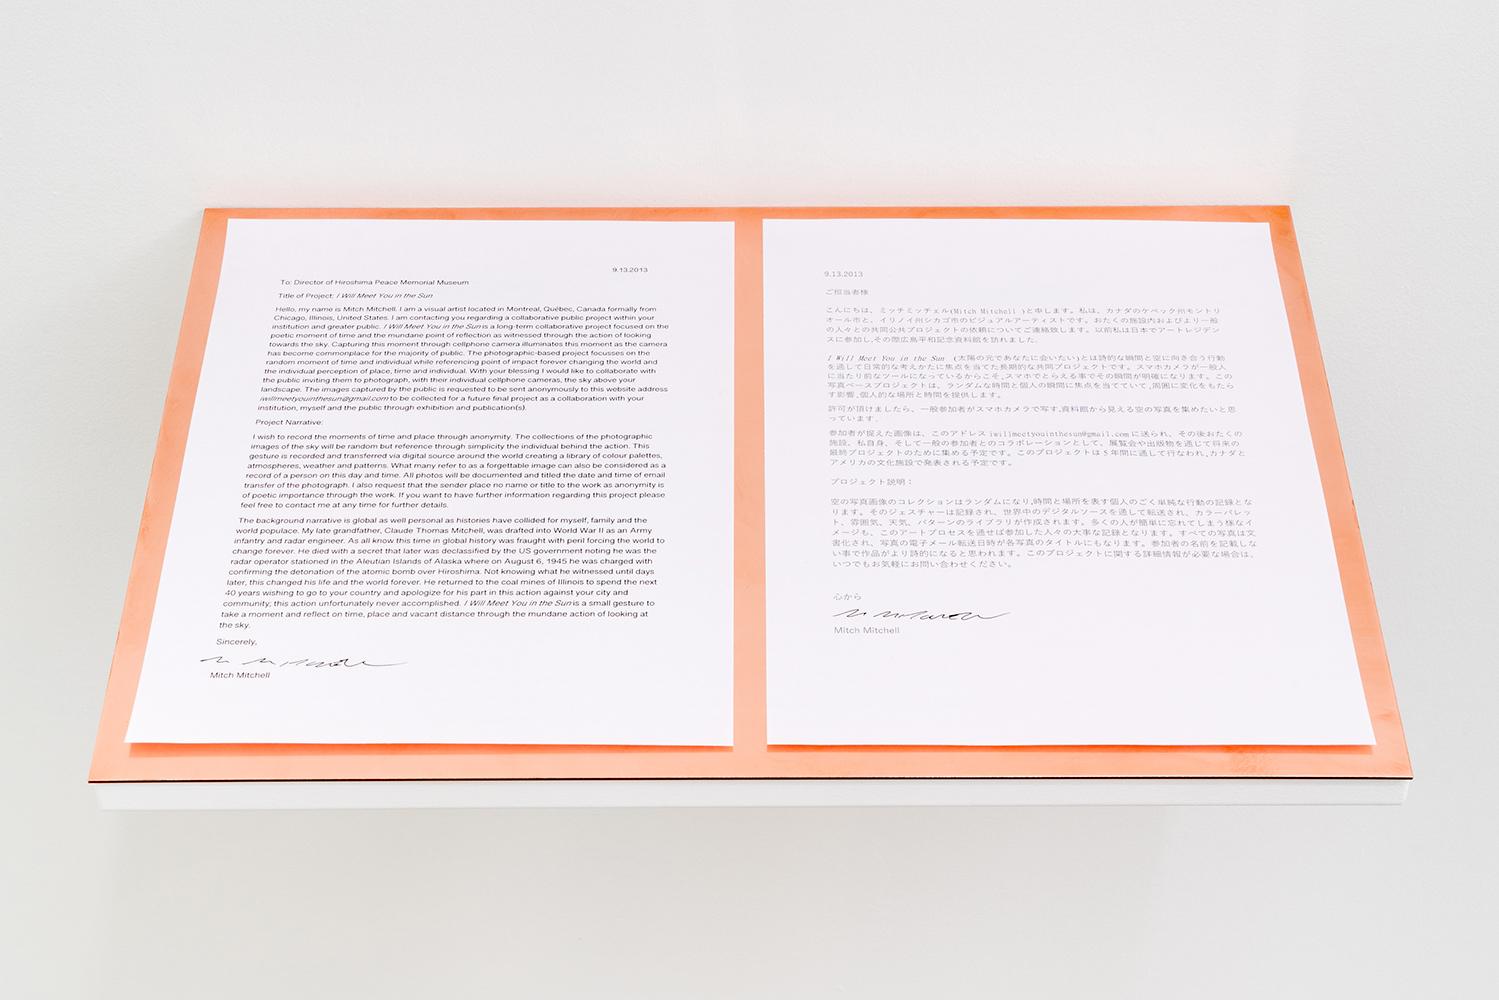 Mitch Mitchell,  I Will Meet You in the Sun (détail),  2013 - Présent, photo couleur montée sur cuivre, encre sur papier, dimensions variables